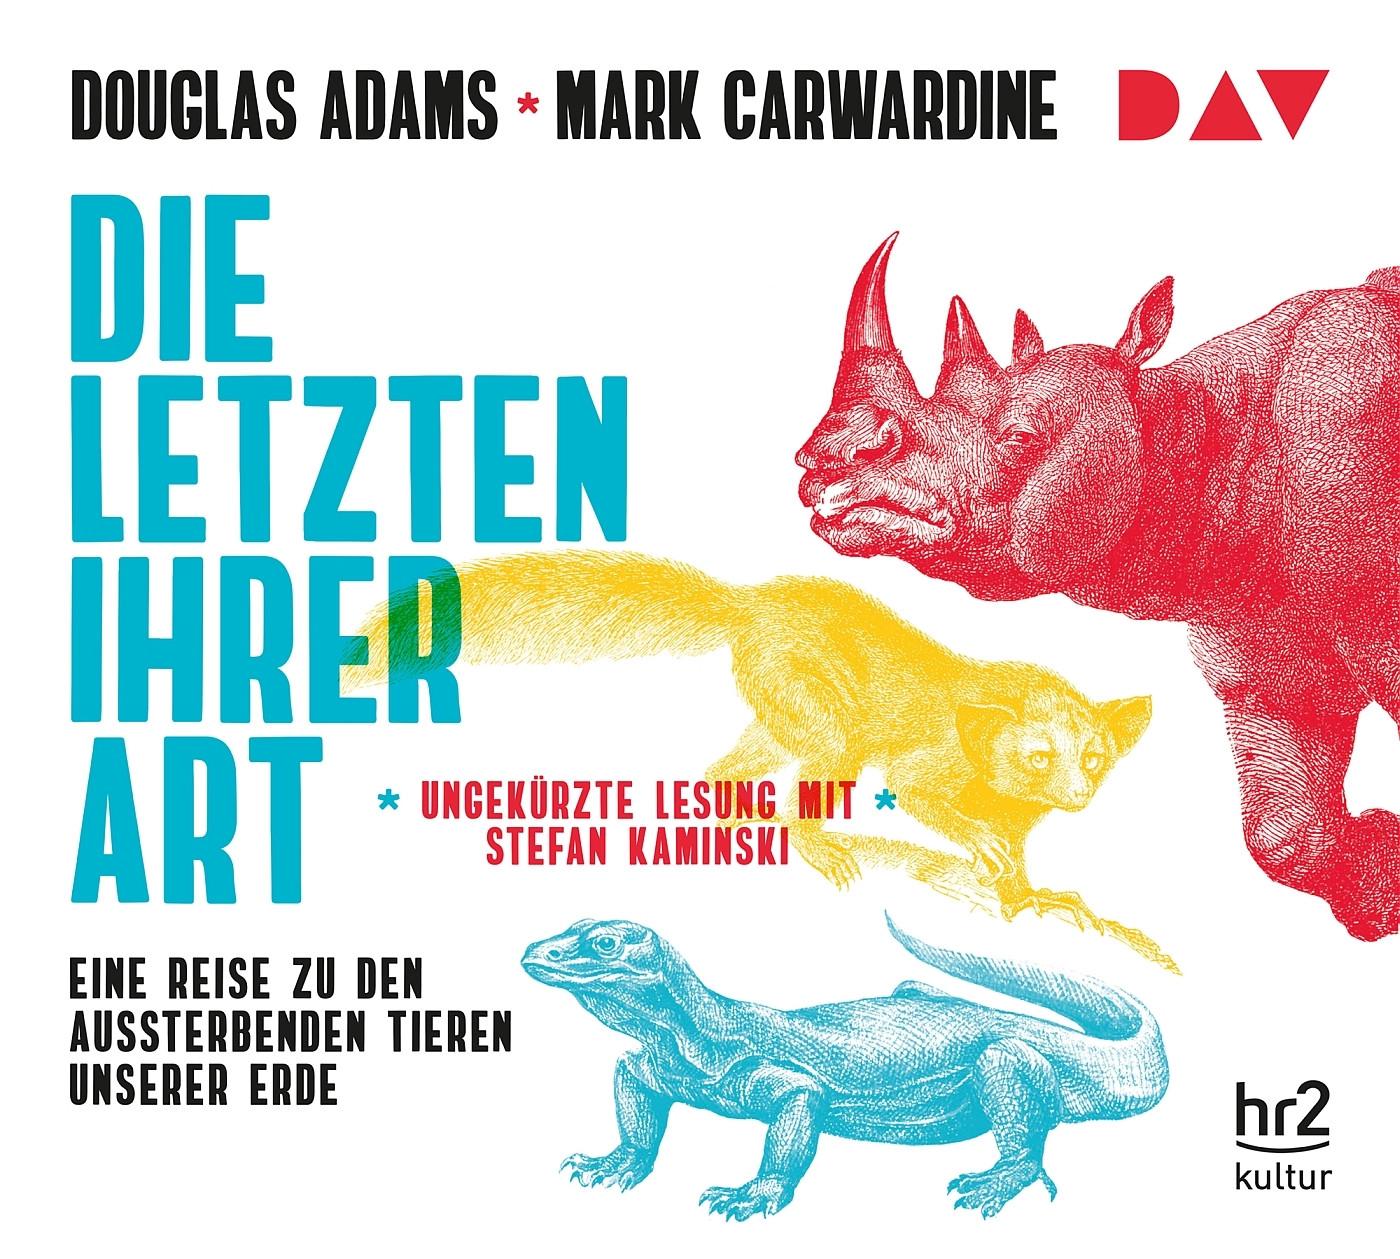 Douglas Adams, Mark Carwardine - Die Letzten ihrer Art. Eine Reise zu den aussterbenden Tieren unserer Erde